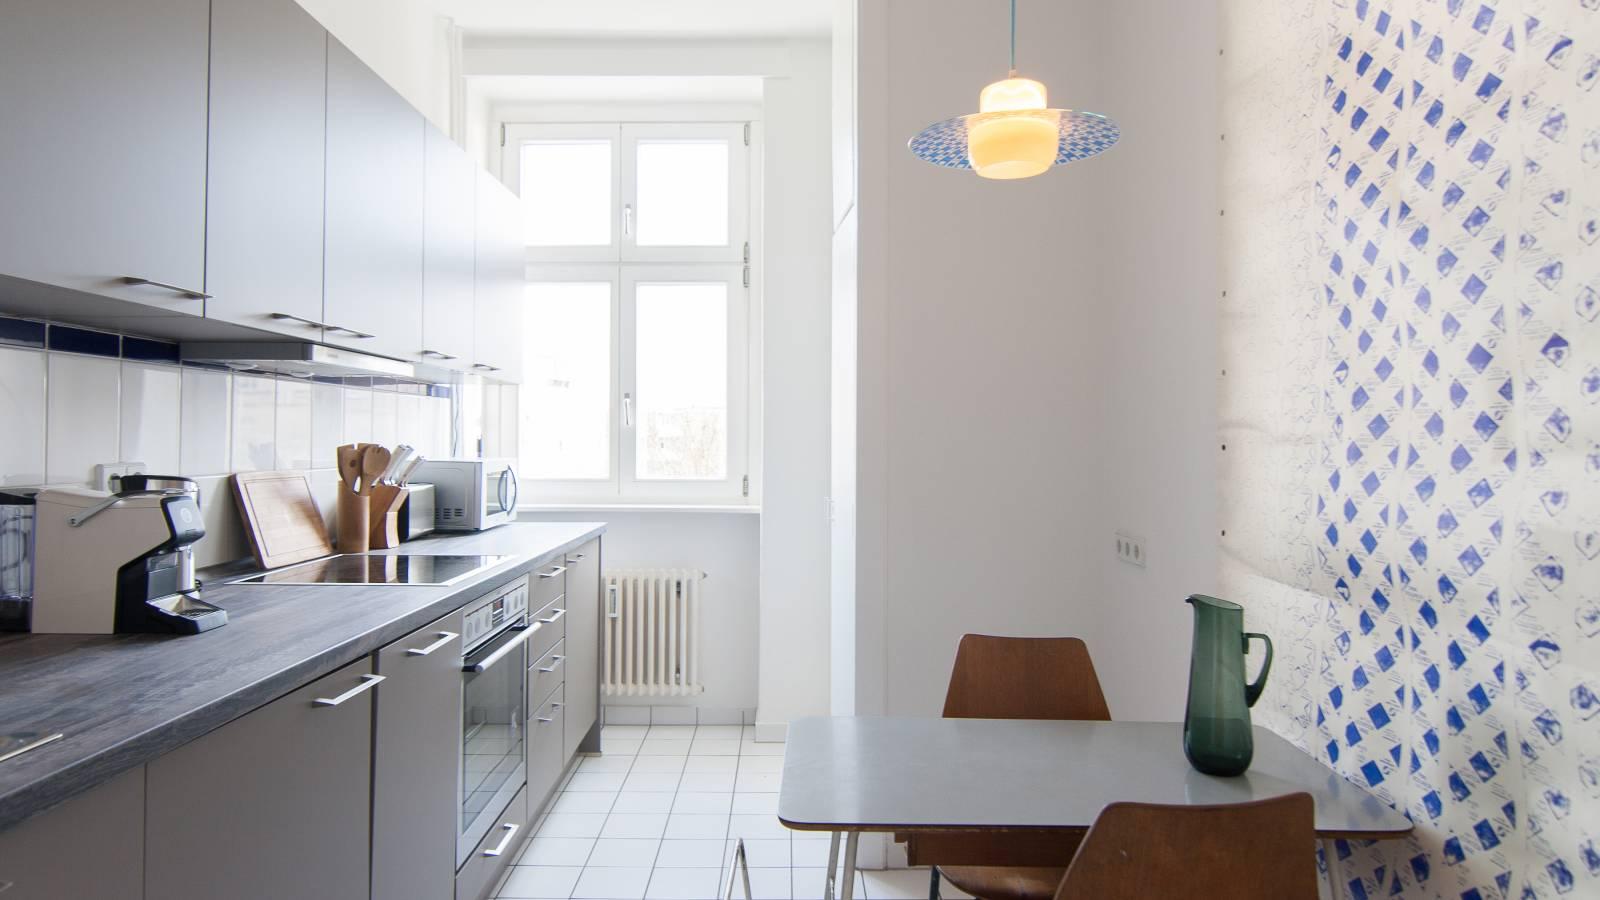 1-Zimmer-Wohnung zu vermieten in Kreuzberg, Berlin (ref: 128831 ...